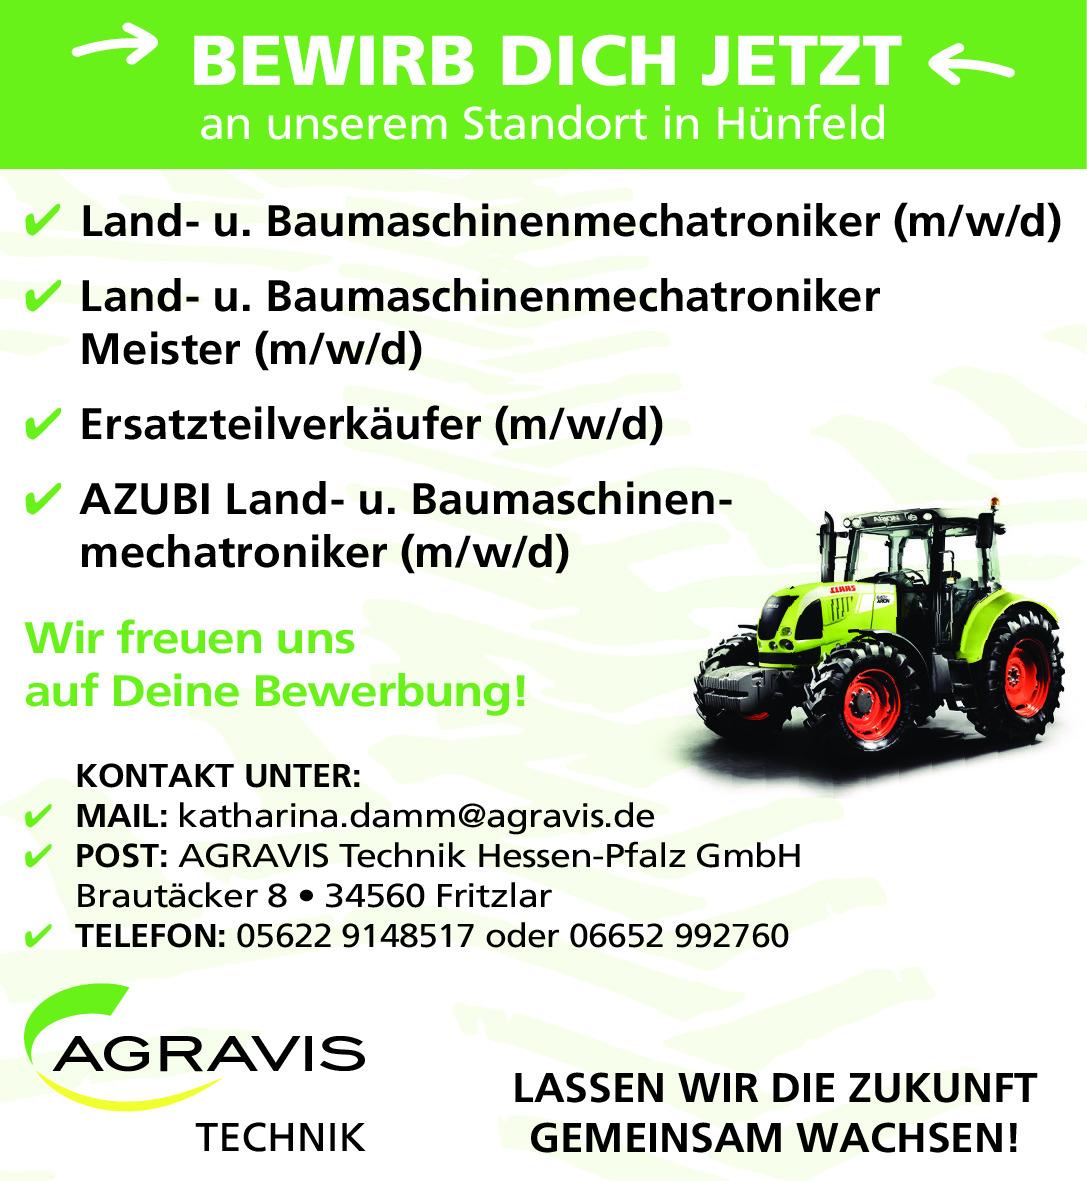 Land- u. Baumaschinenmechatroniker (m/w/d) Land- u. Baumaschinenmechatroniker Meister (m/w/d) Ersatzteilverkäufer (m/w/d) AZUBI Land- u. Baumaschinenmechatroniker (m/w/d)